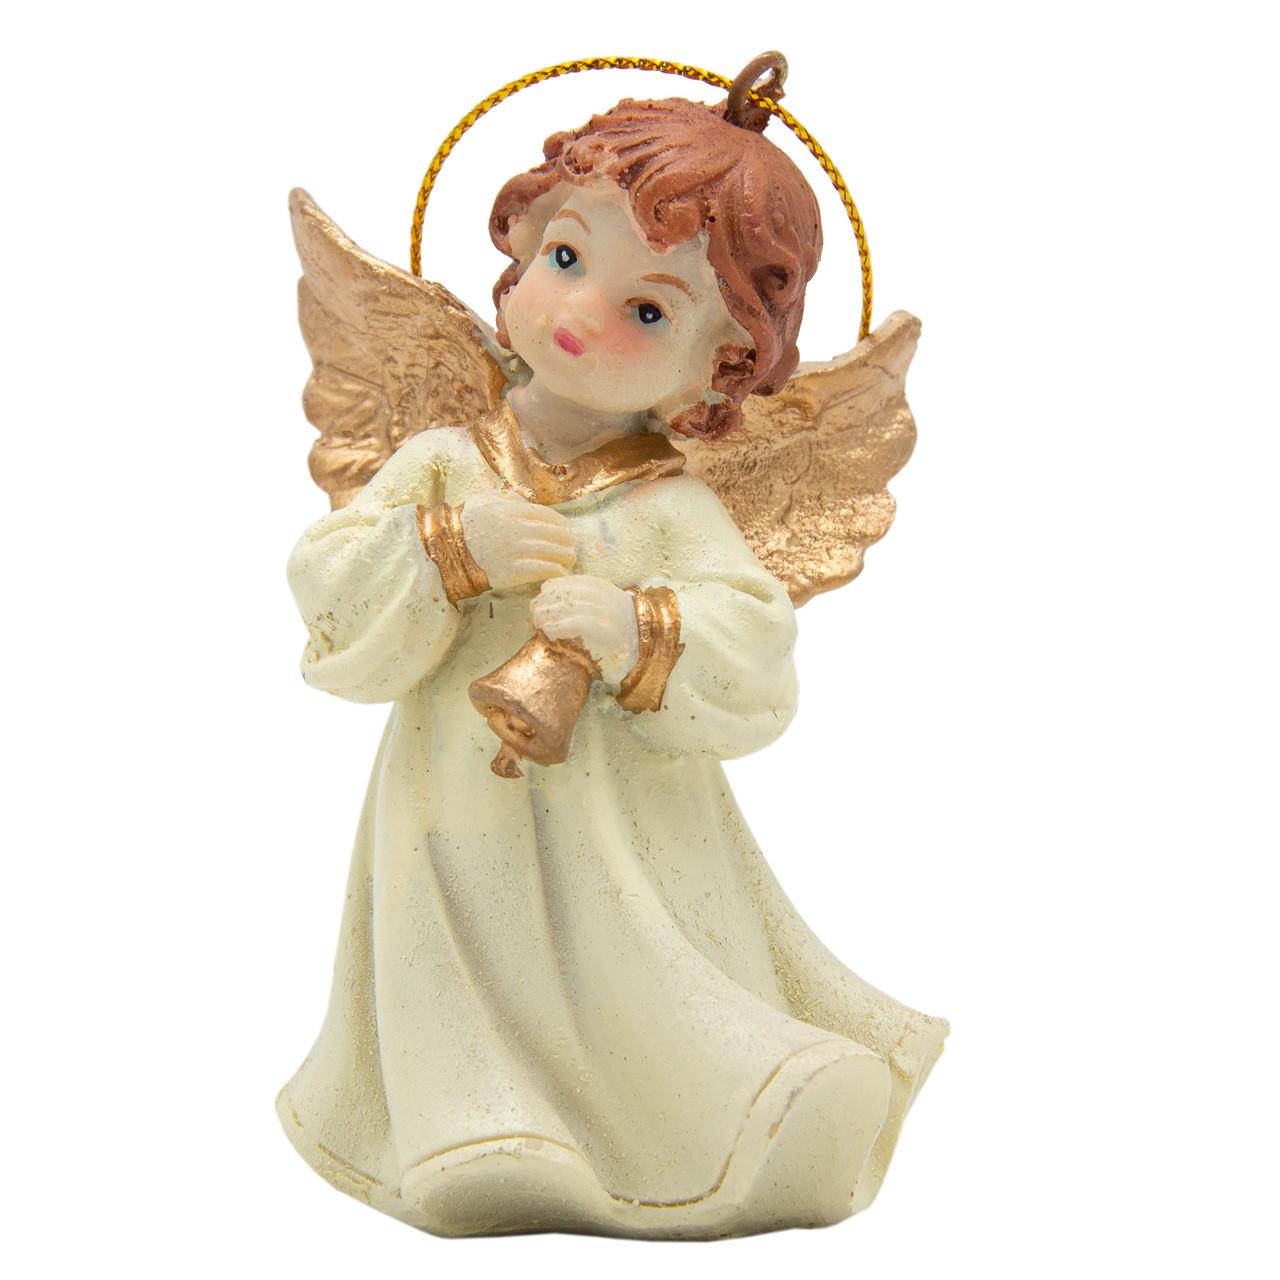 Новогодняя сувенирная фигурка из полистоуна, h-7 см, Ангелочек с колокольчиком, (000333-3)